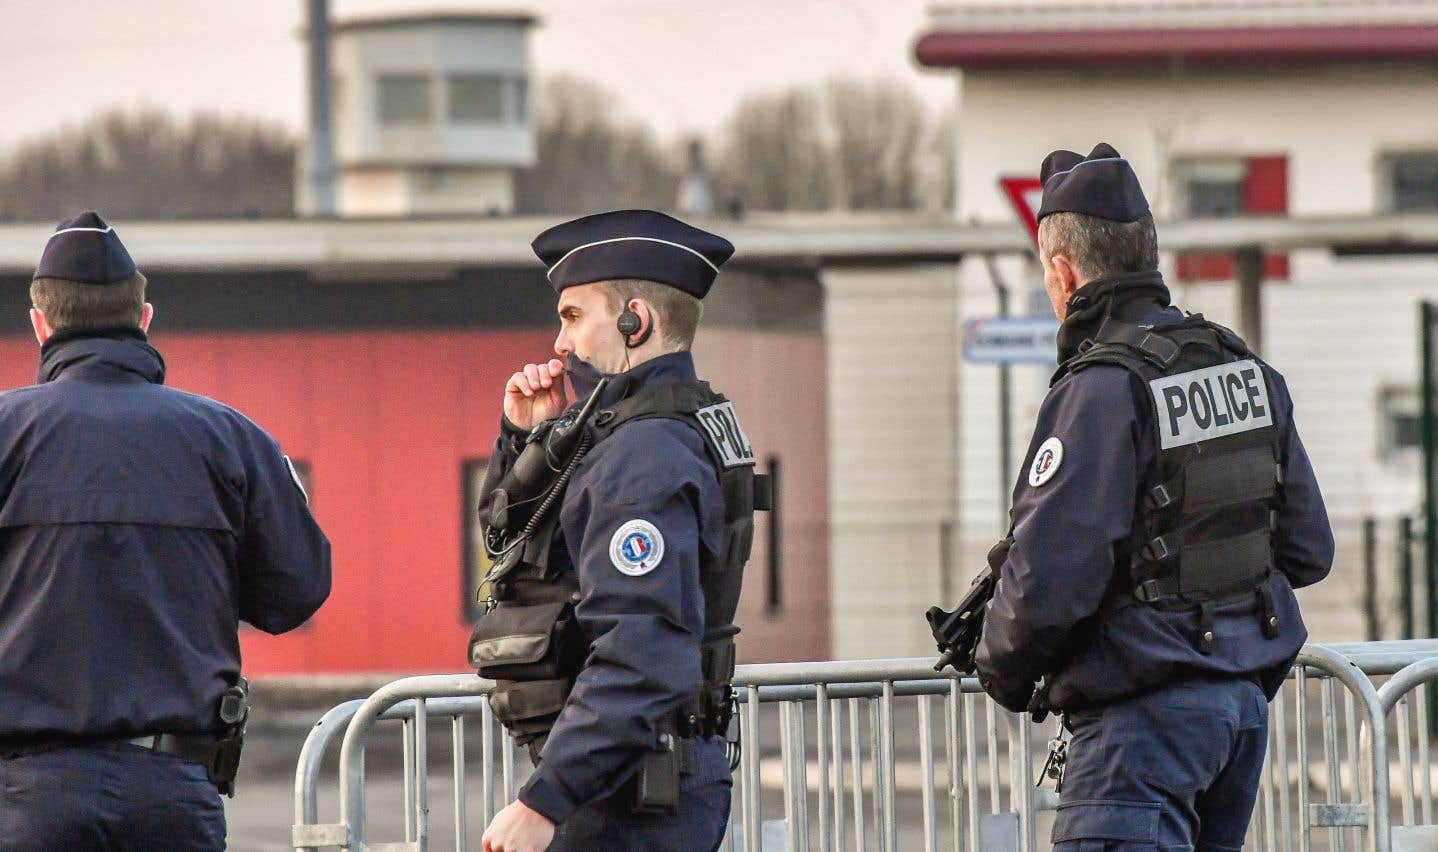 À l'issue de l'audience, Salah Abdeslam a été transféré à la prison française de Vendin-le-Vieil, où il est incarcéré pendant le procès.